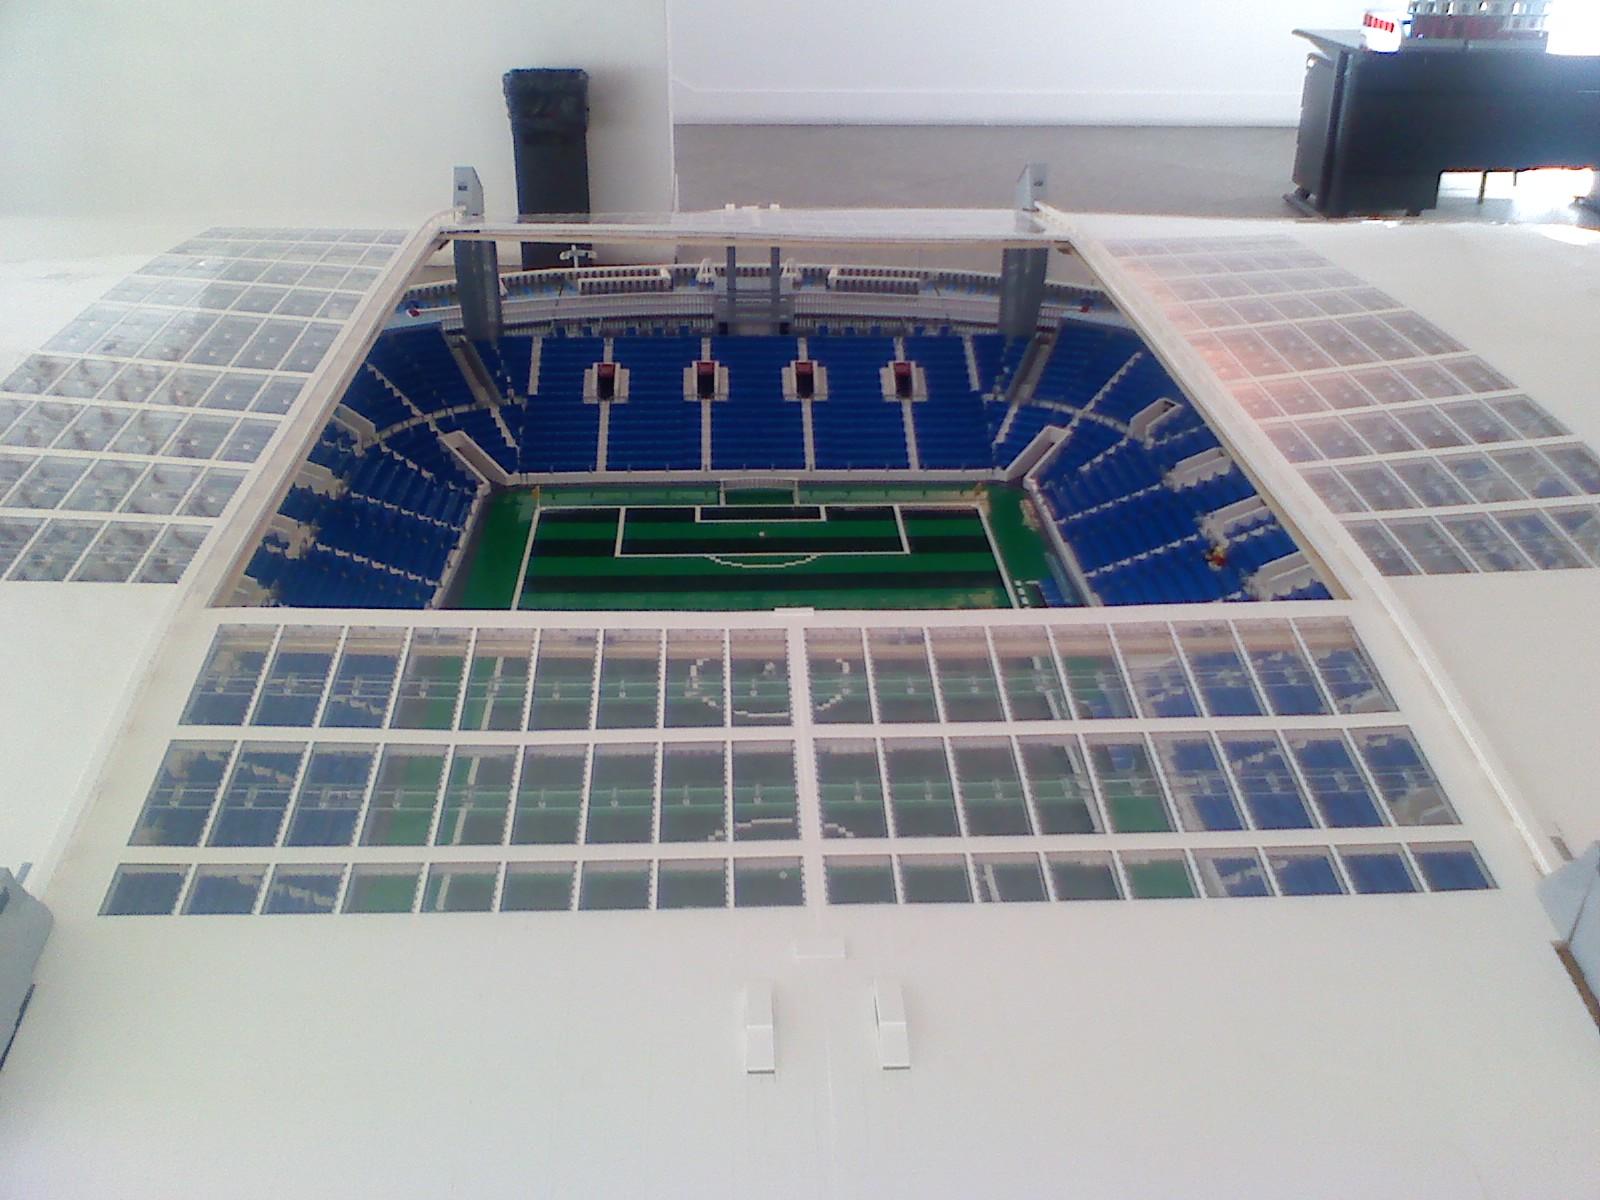 Kosta de Alhabaite  Estádio do Dragão em legos 876daecf59ae2